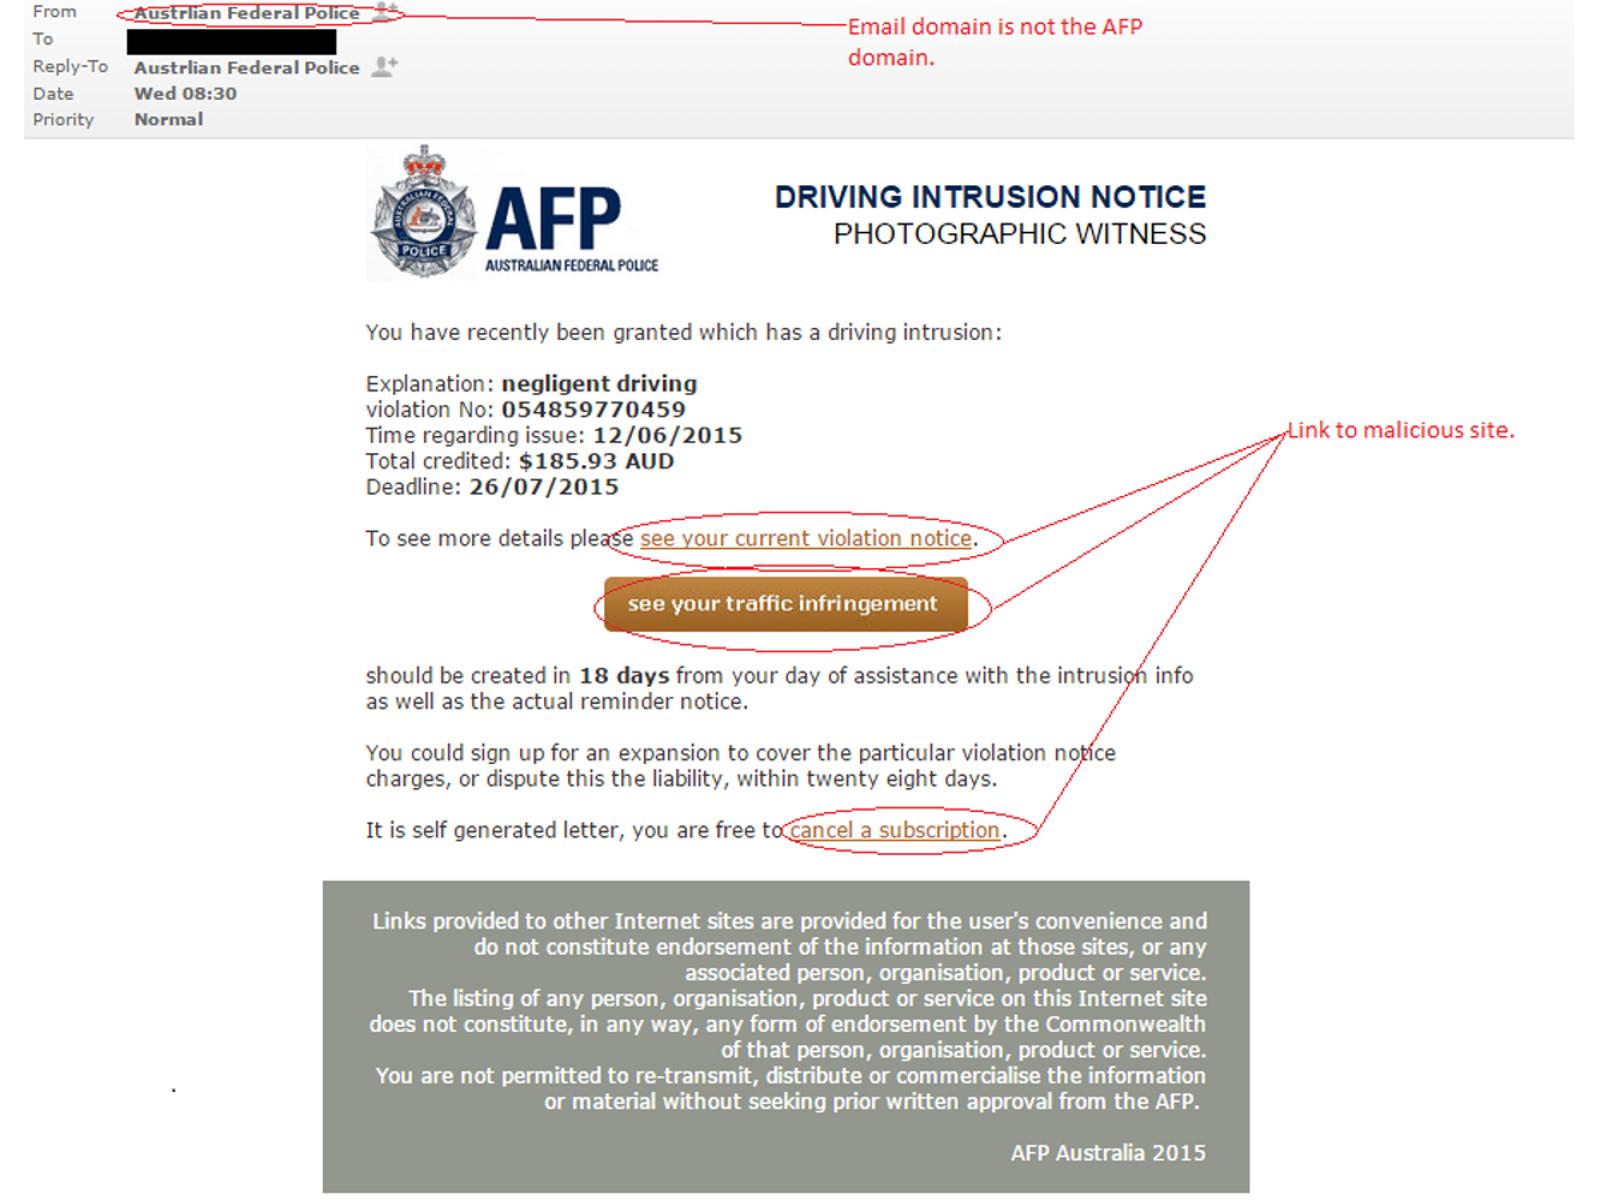 MailShark Speeding fine scam downloads malware